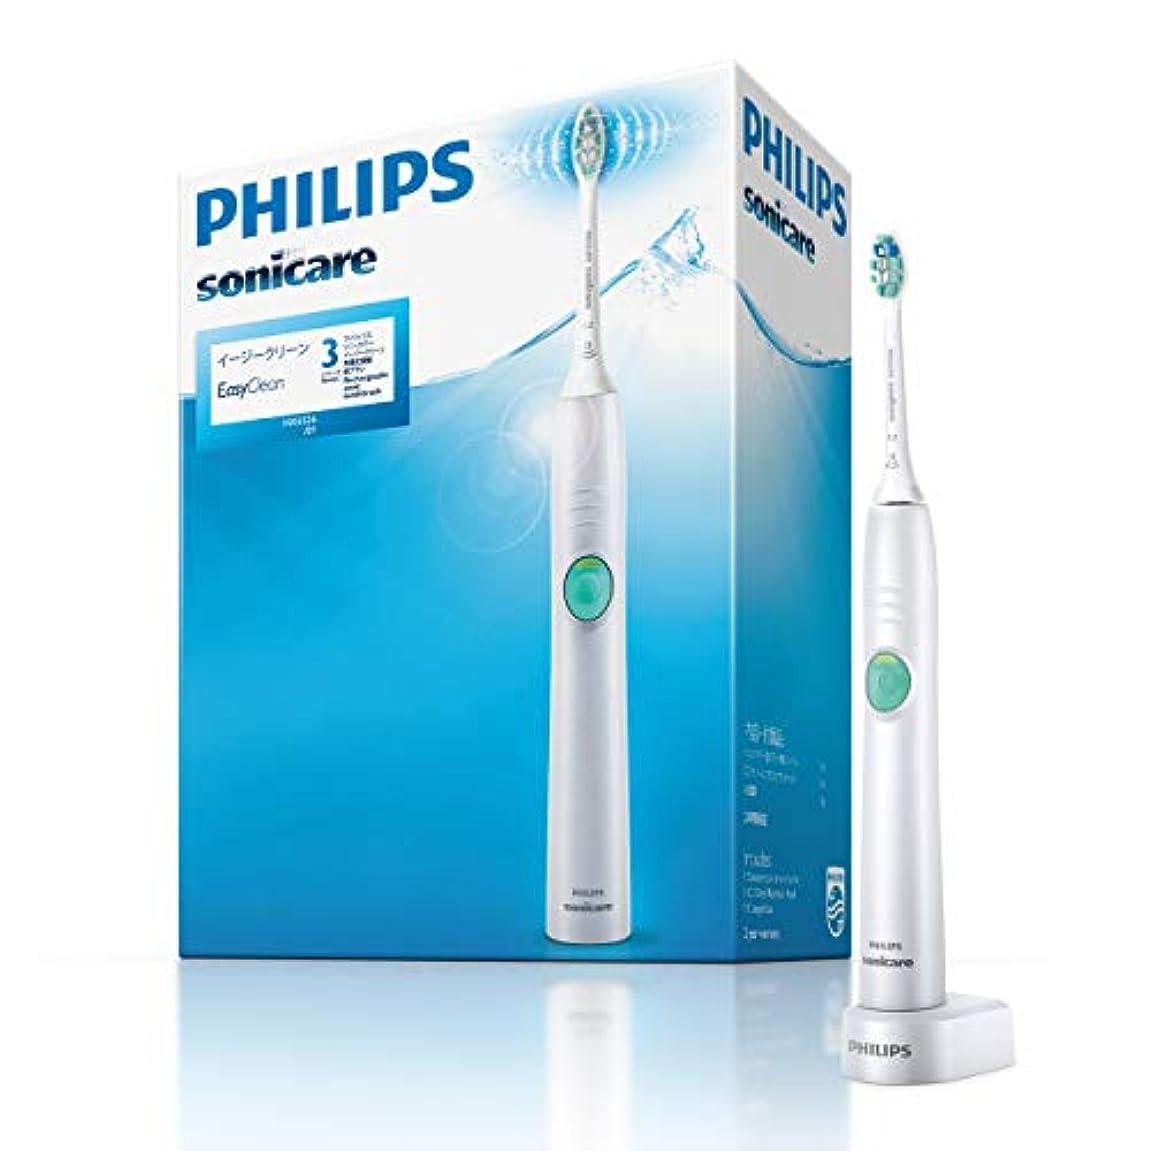 リボン頭蓋骨ぼんやりしたフィリップス ソニッケアー イージークリーン 電動歯ブラシ ホワイト HX6521/01